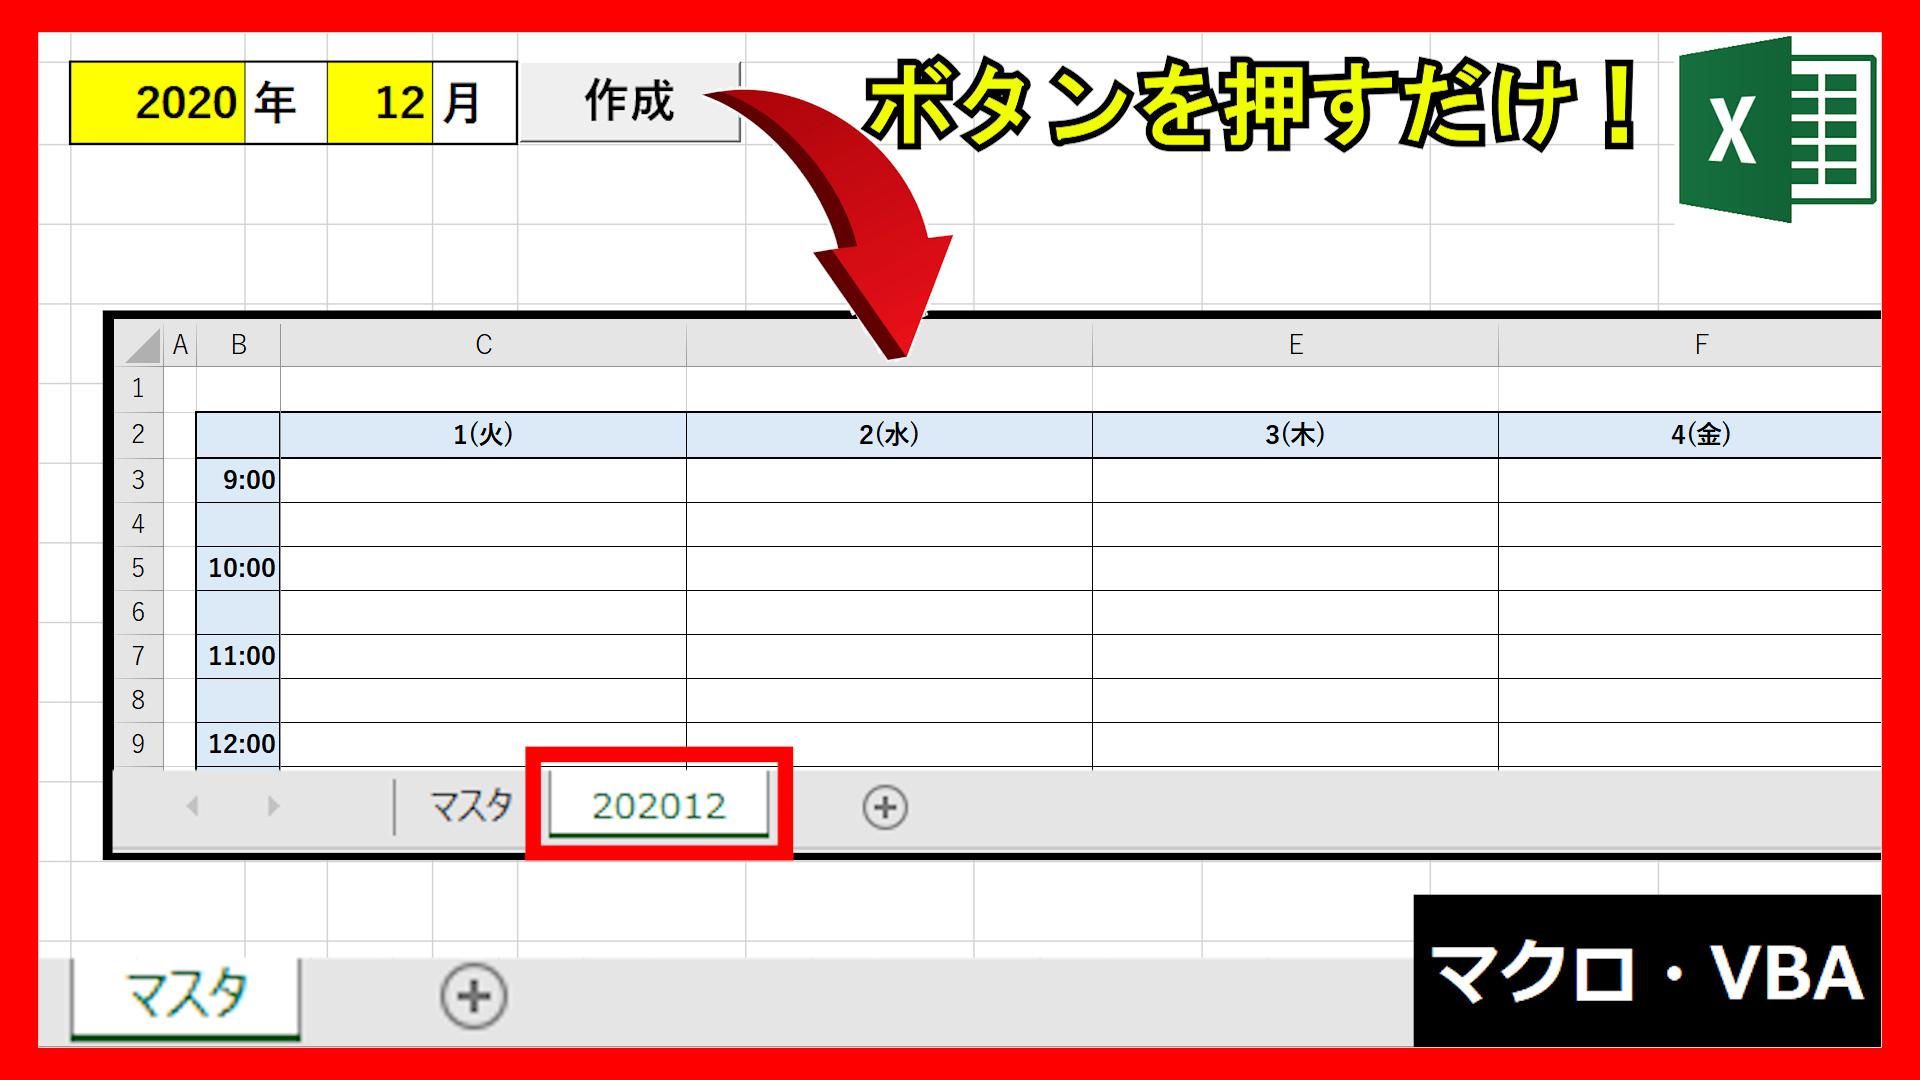 【業務】カレンダー(スケジュール)のシート自動生成システムを作成